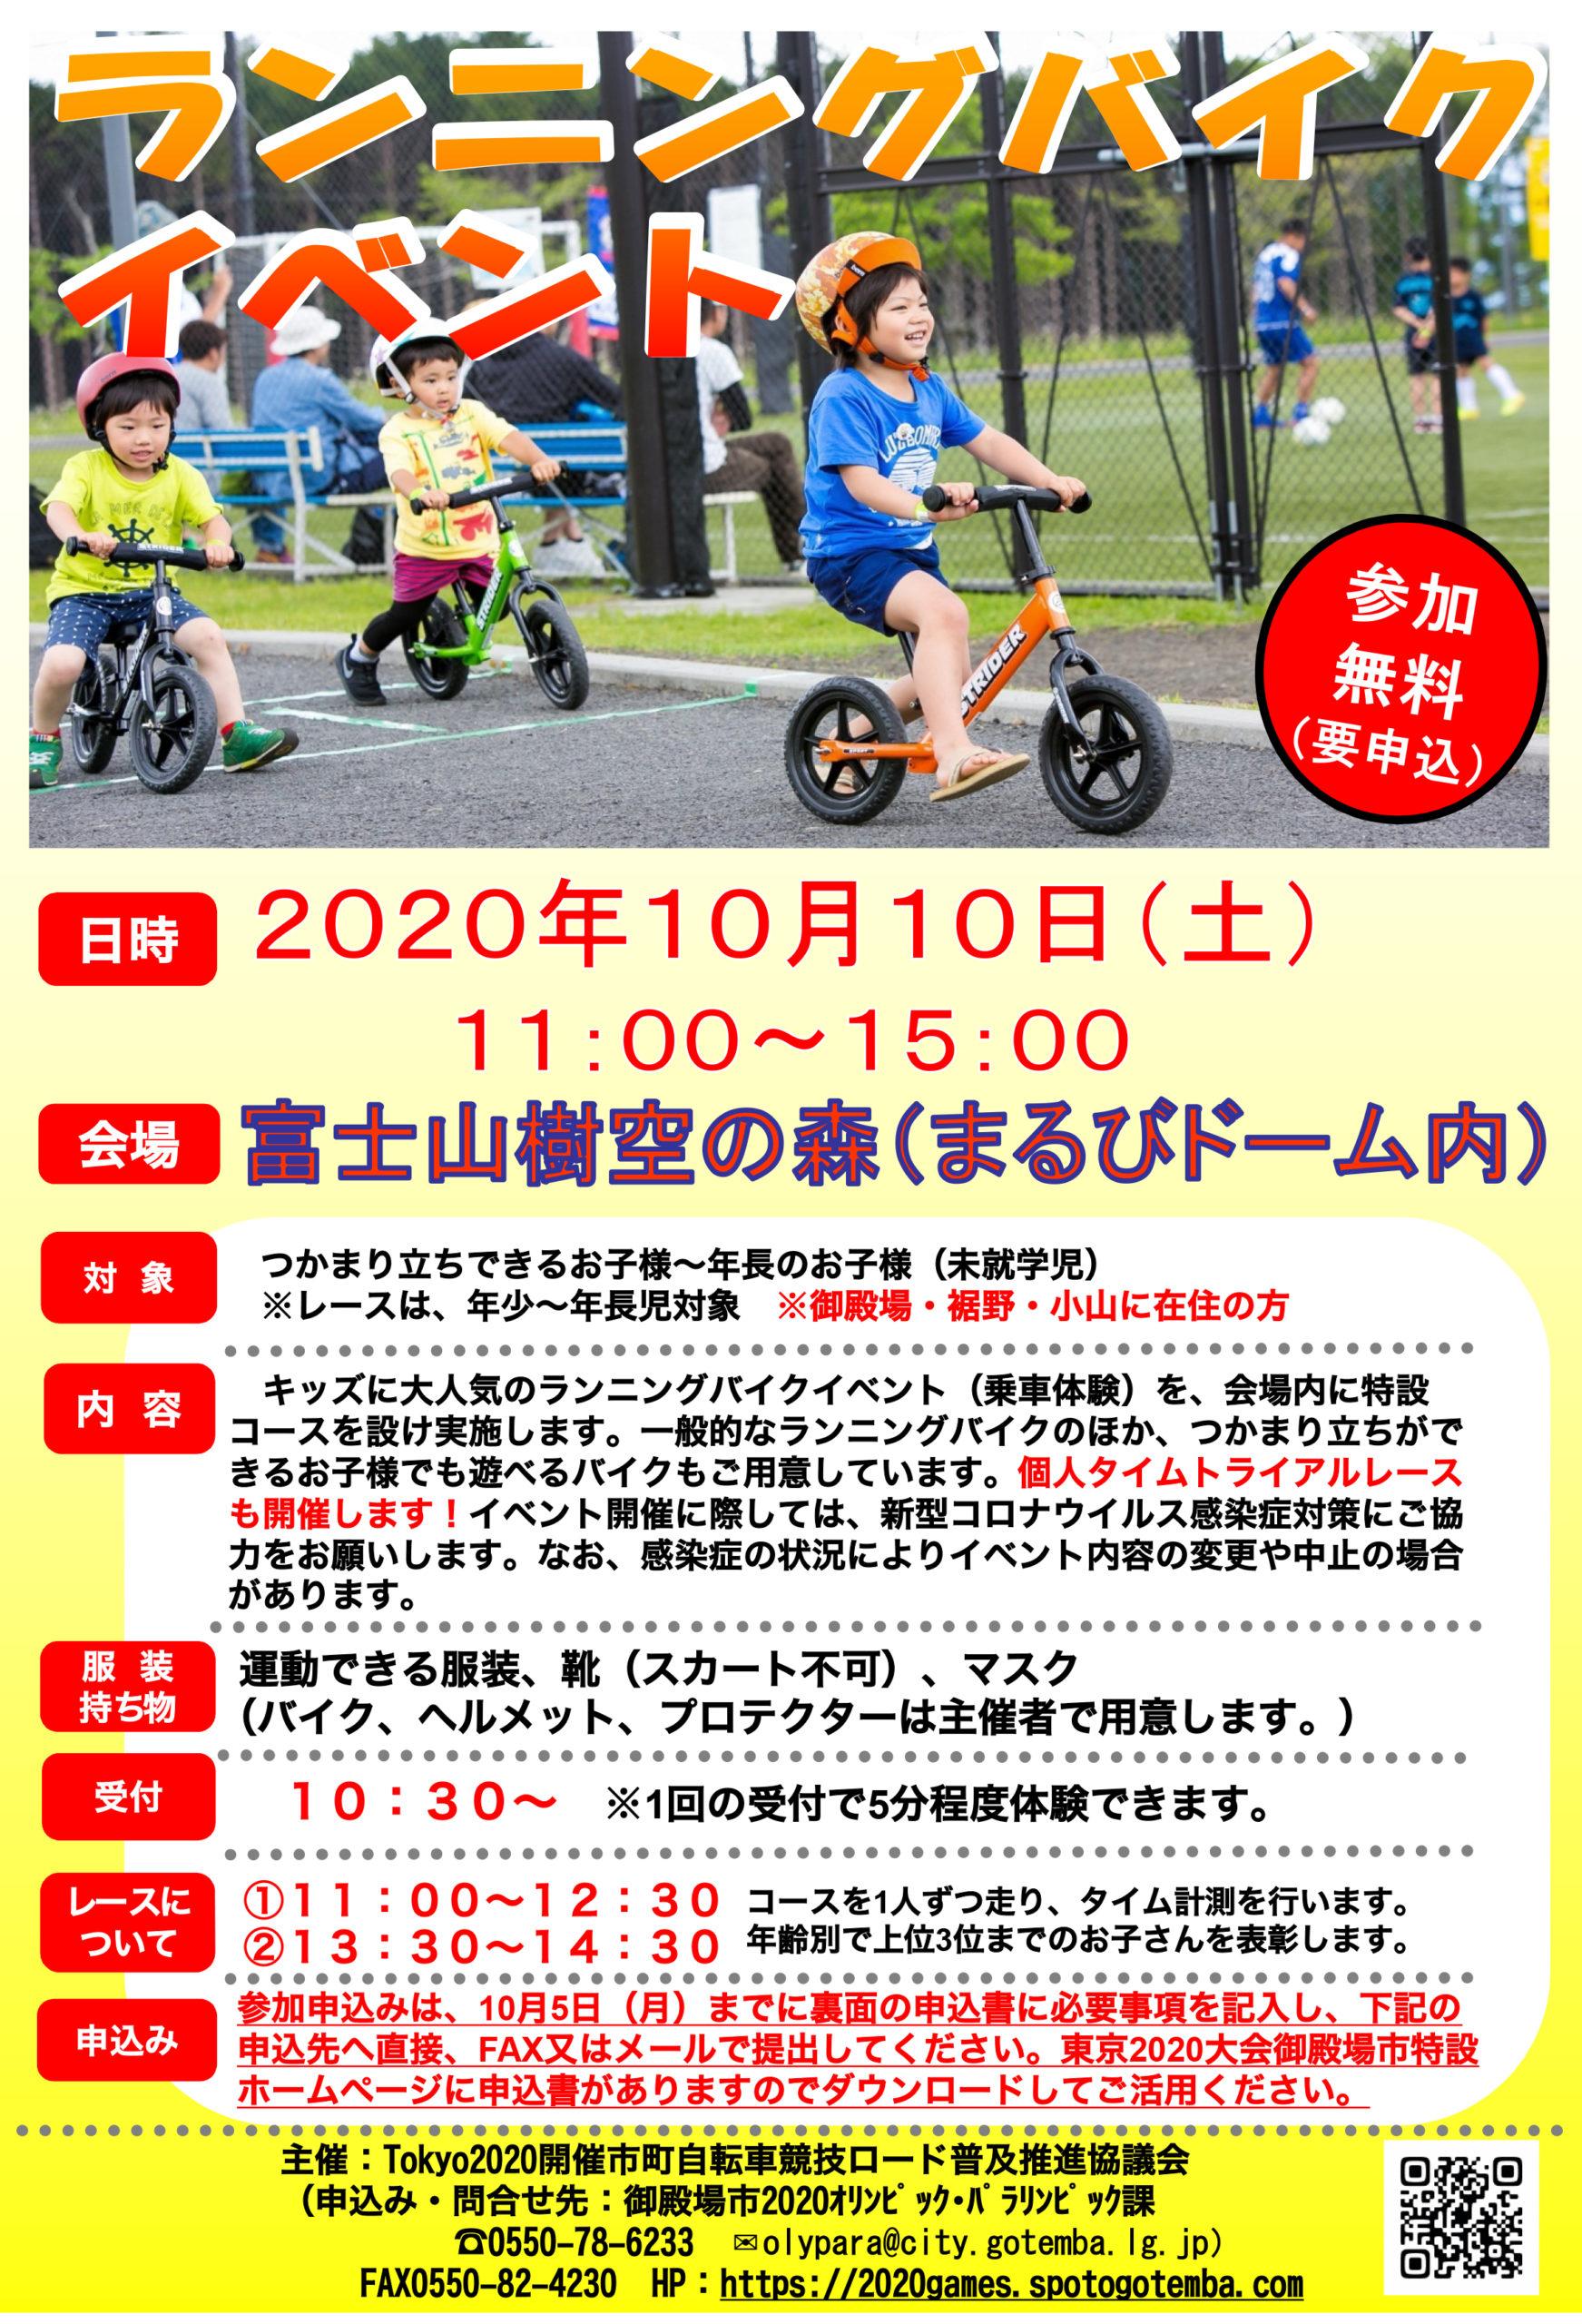 【東京2020大会300日前企画】ランニングバイクイベント参加者募集!